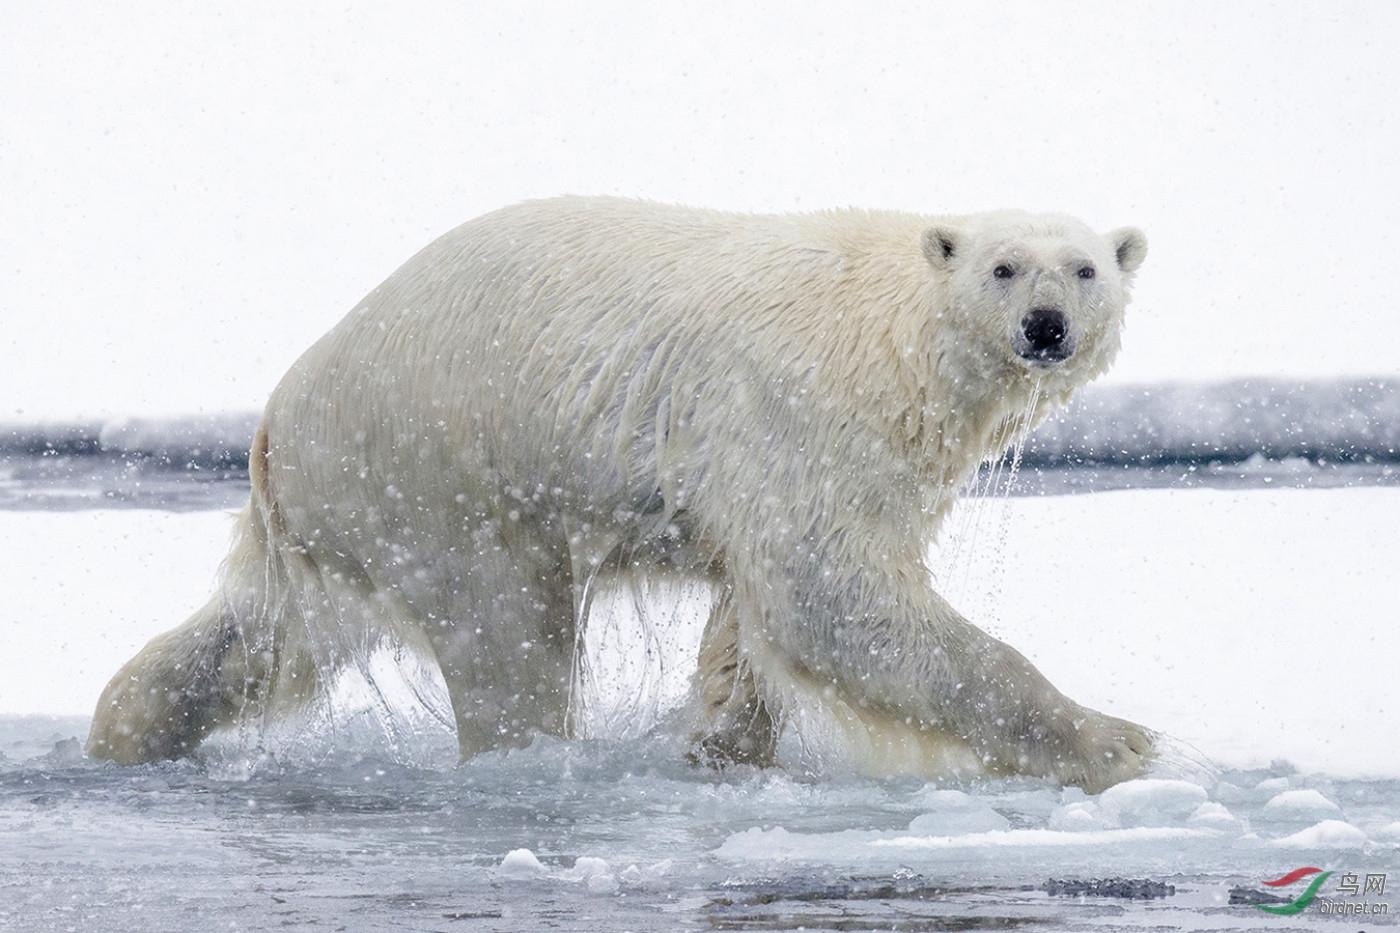 en-入围-0163.一只北极熊wxy129-pic-5b9bd7da8d833.jpg